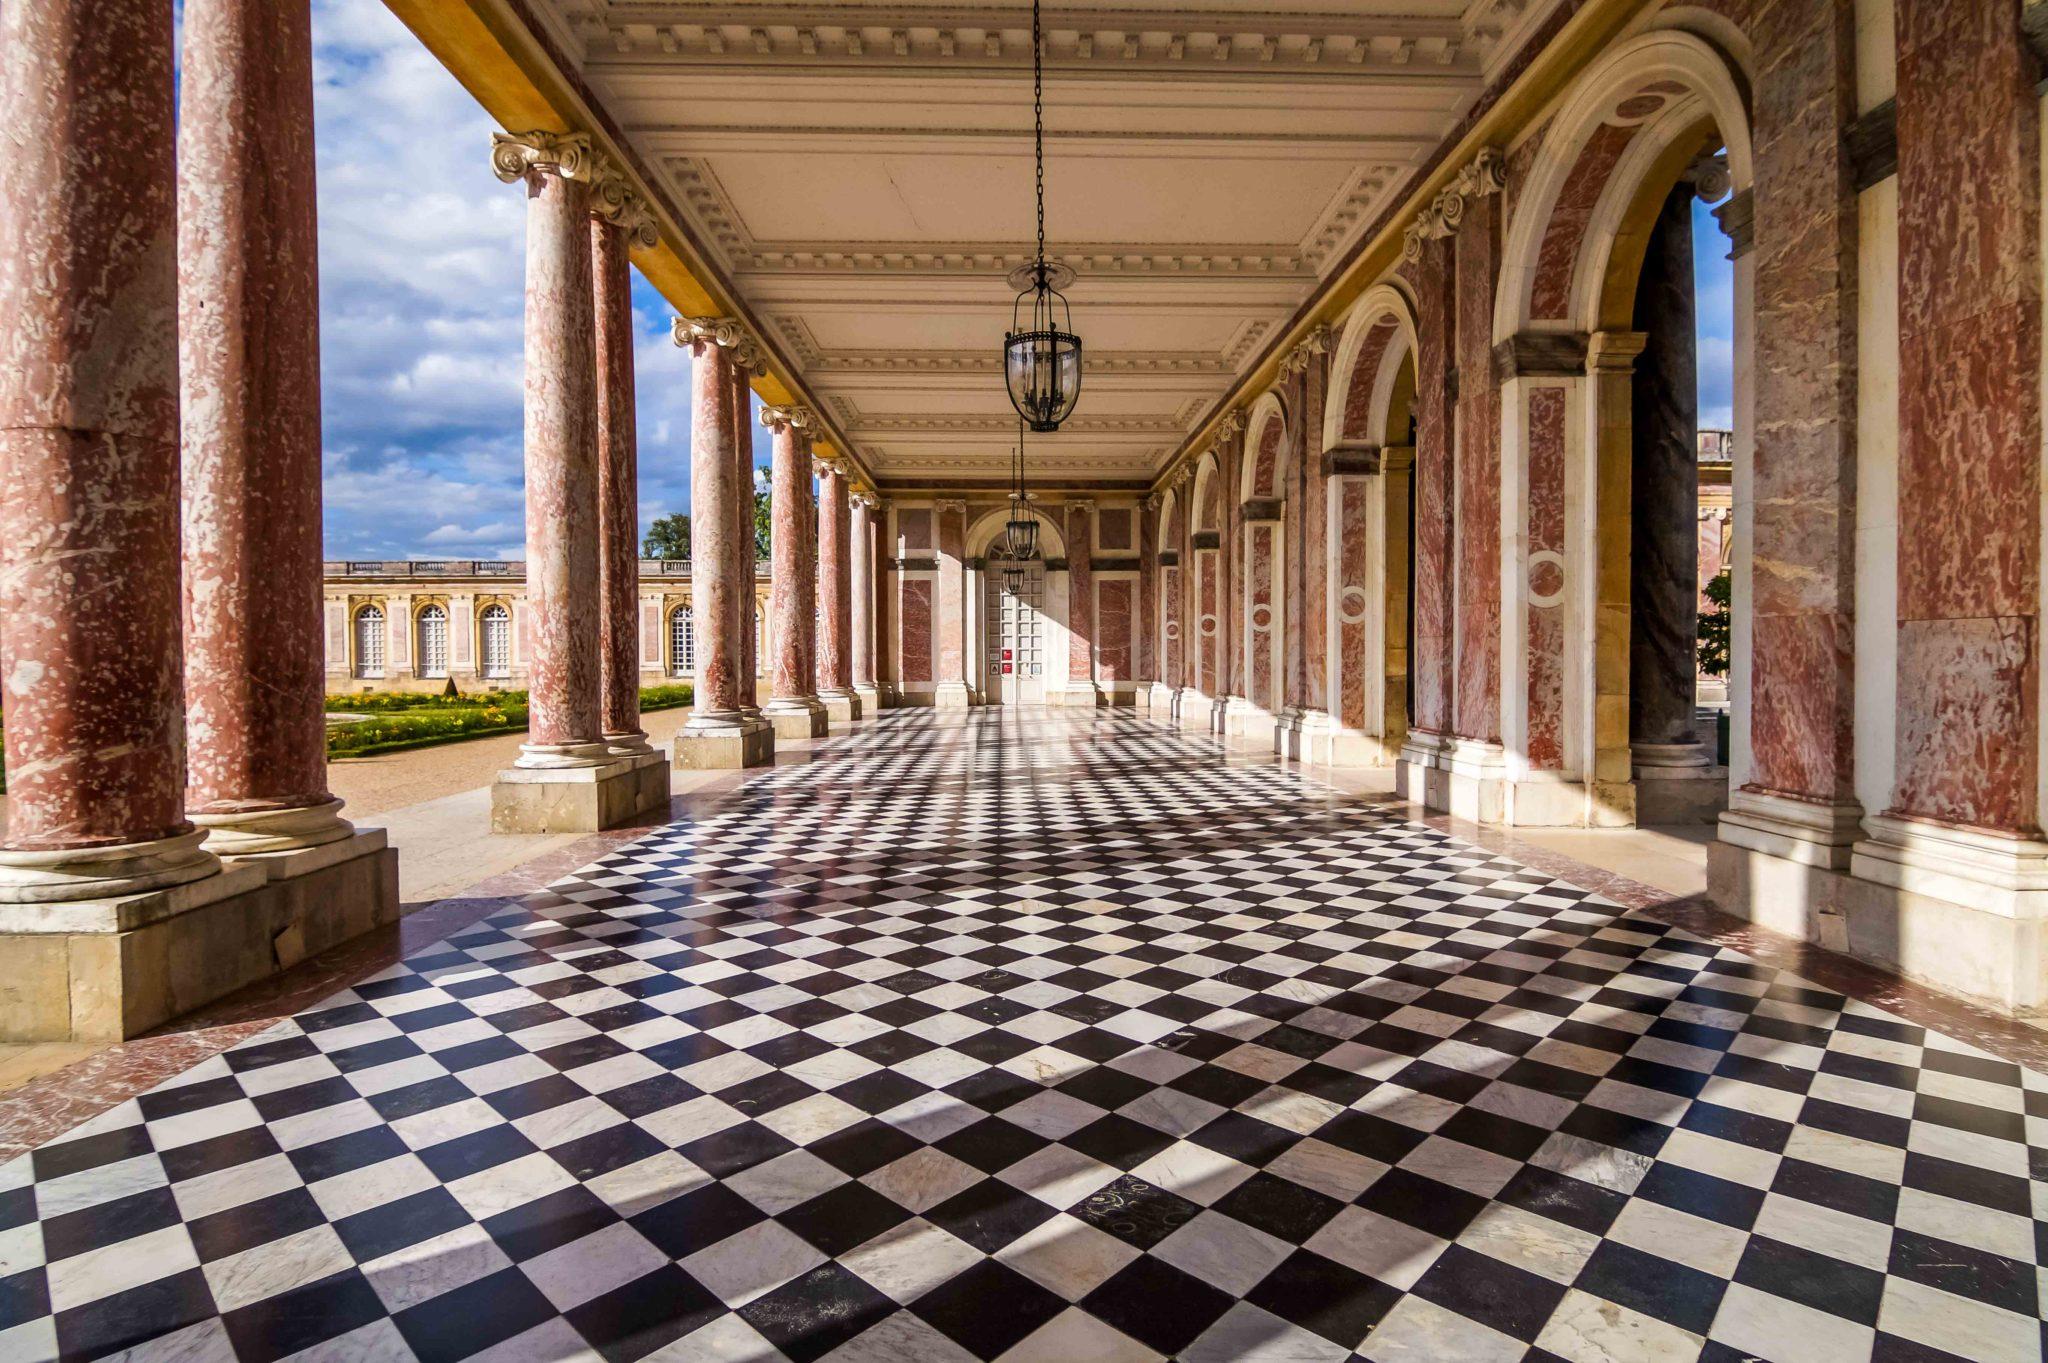 La loggia du Trianon du Château de Versailles